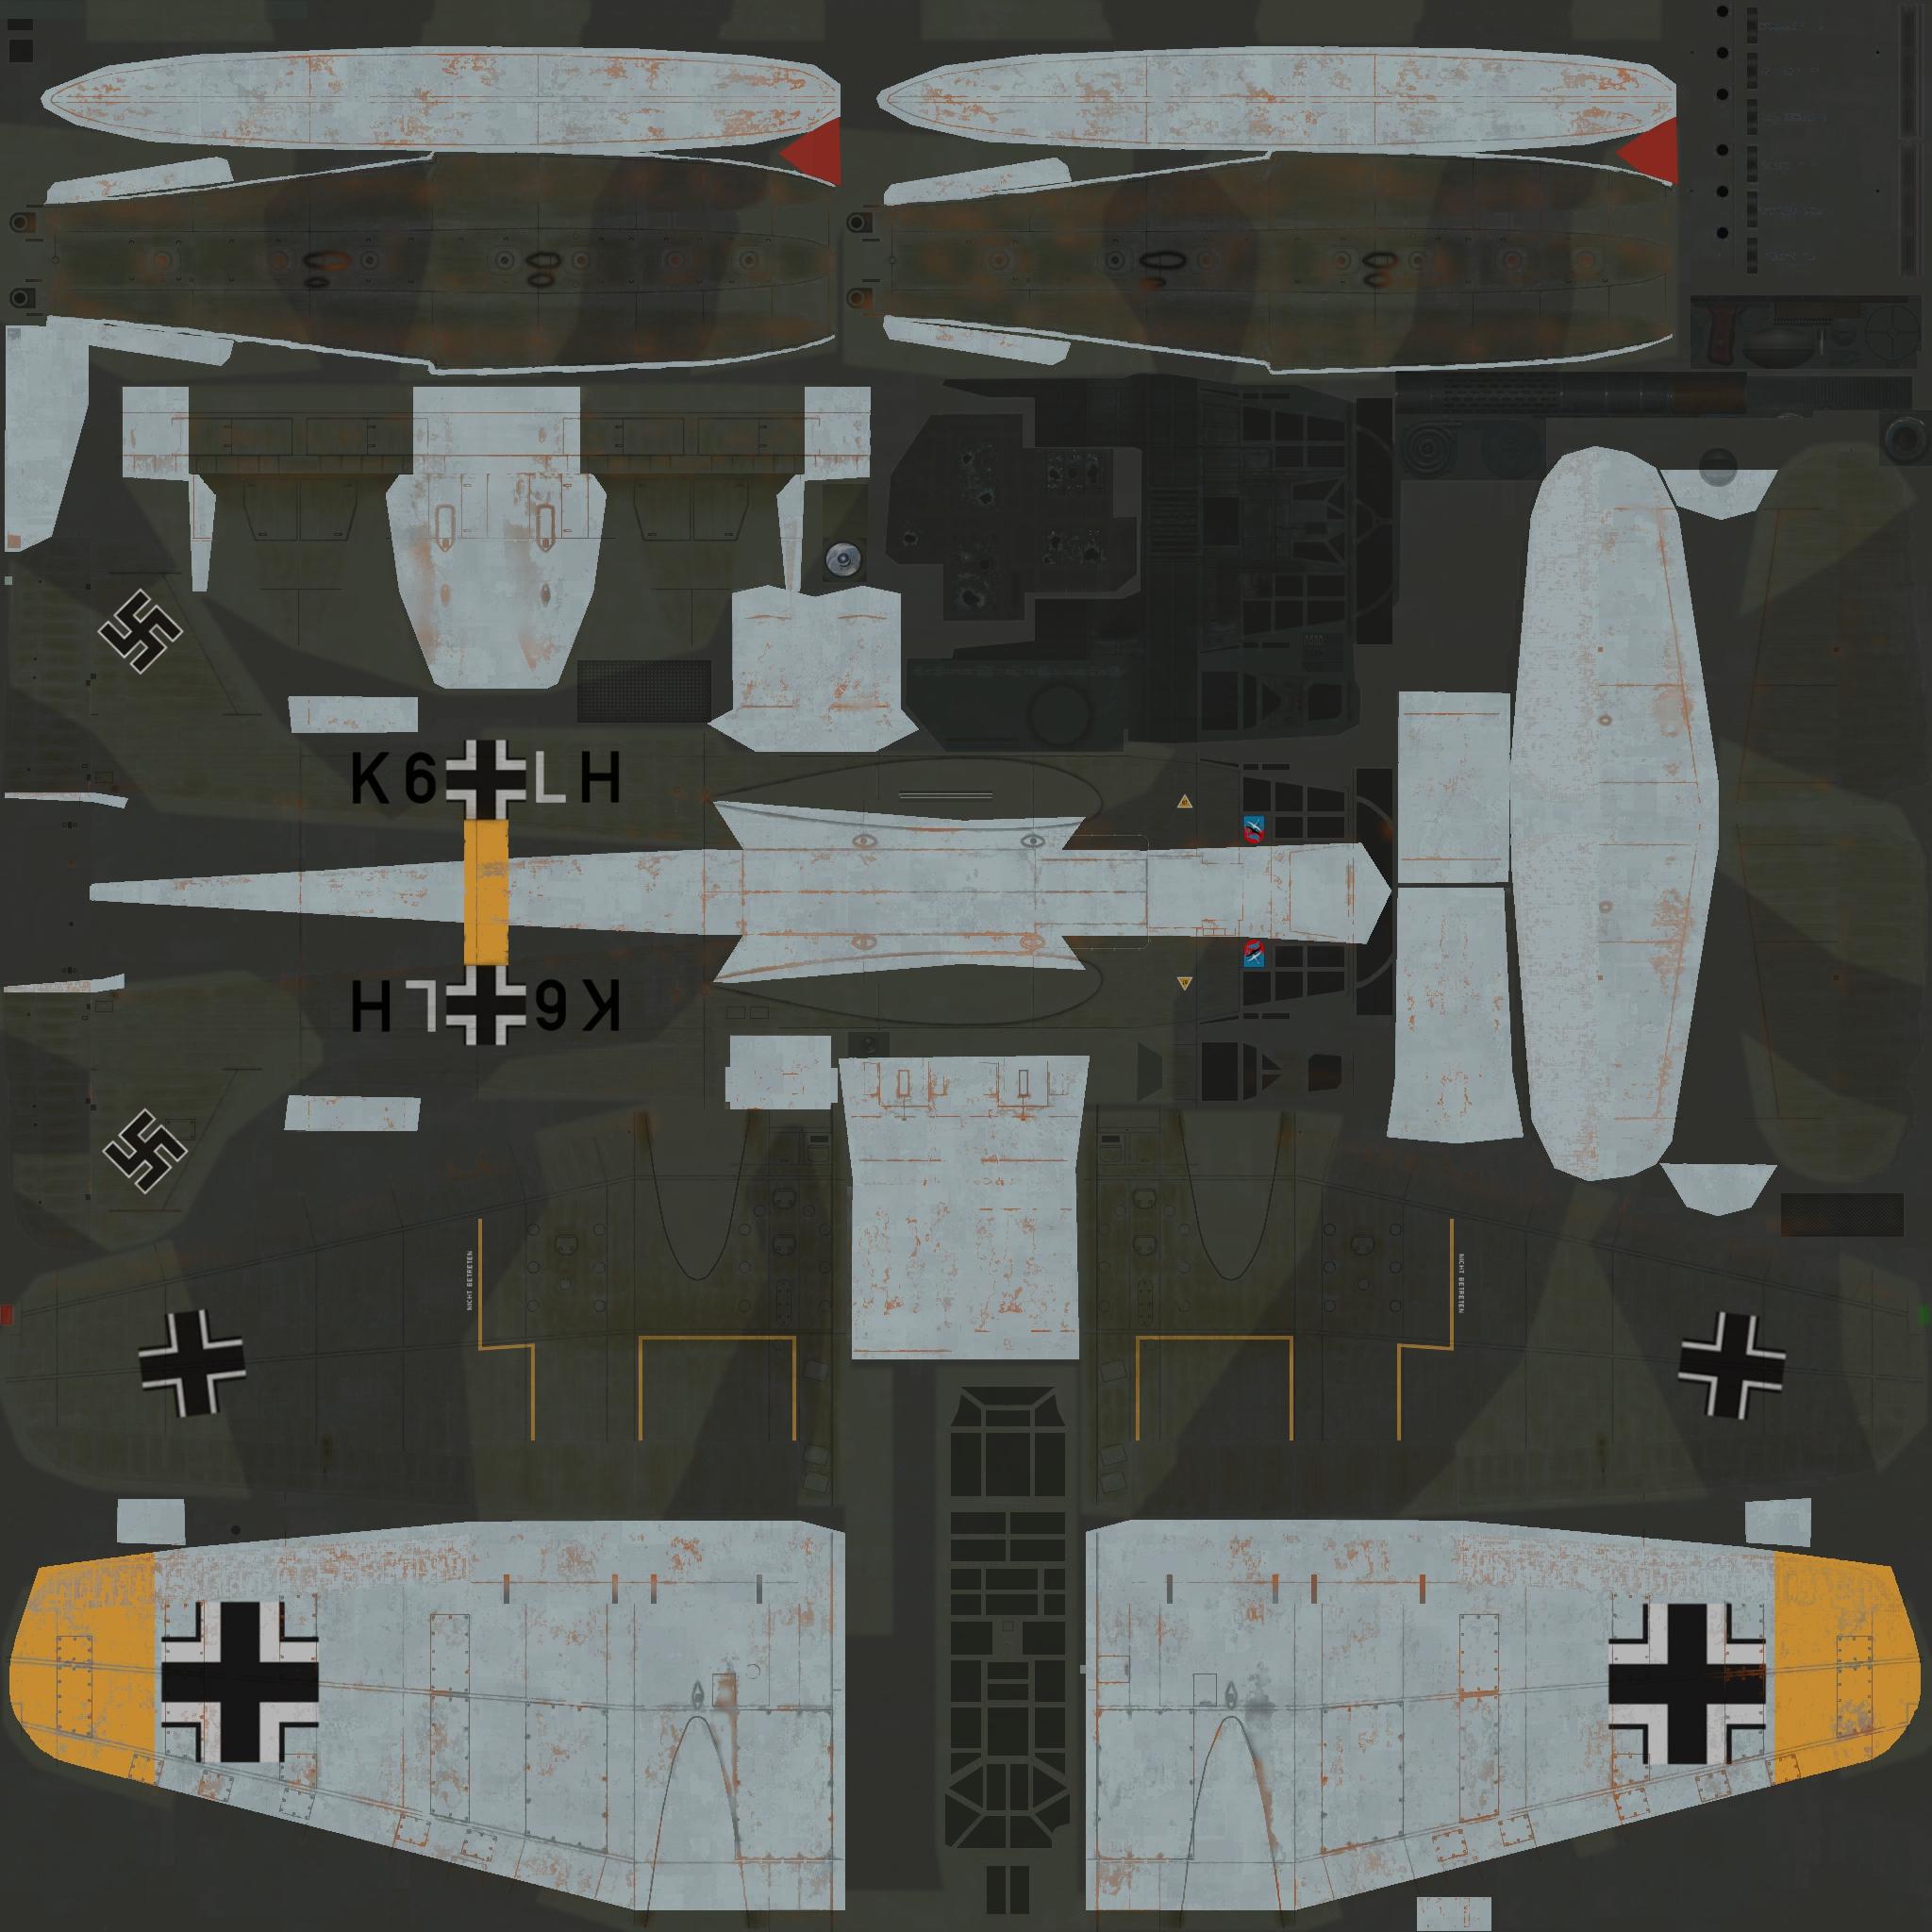 COD C6 He 115C1 1.KuFlGr406 (K6+LH) Norway 1944